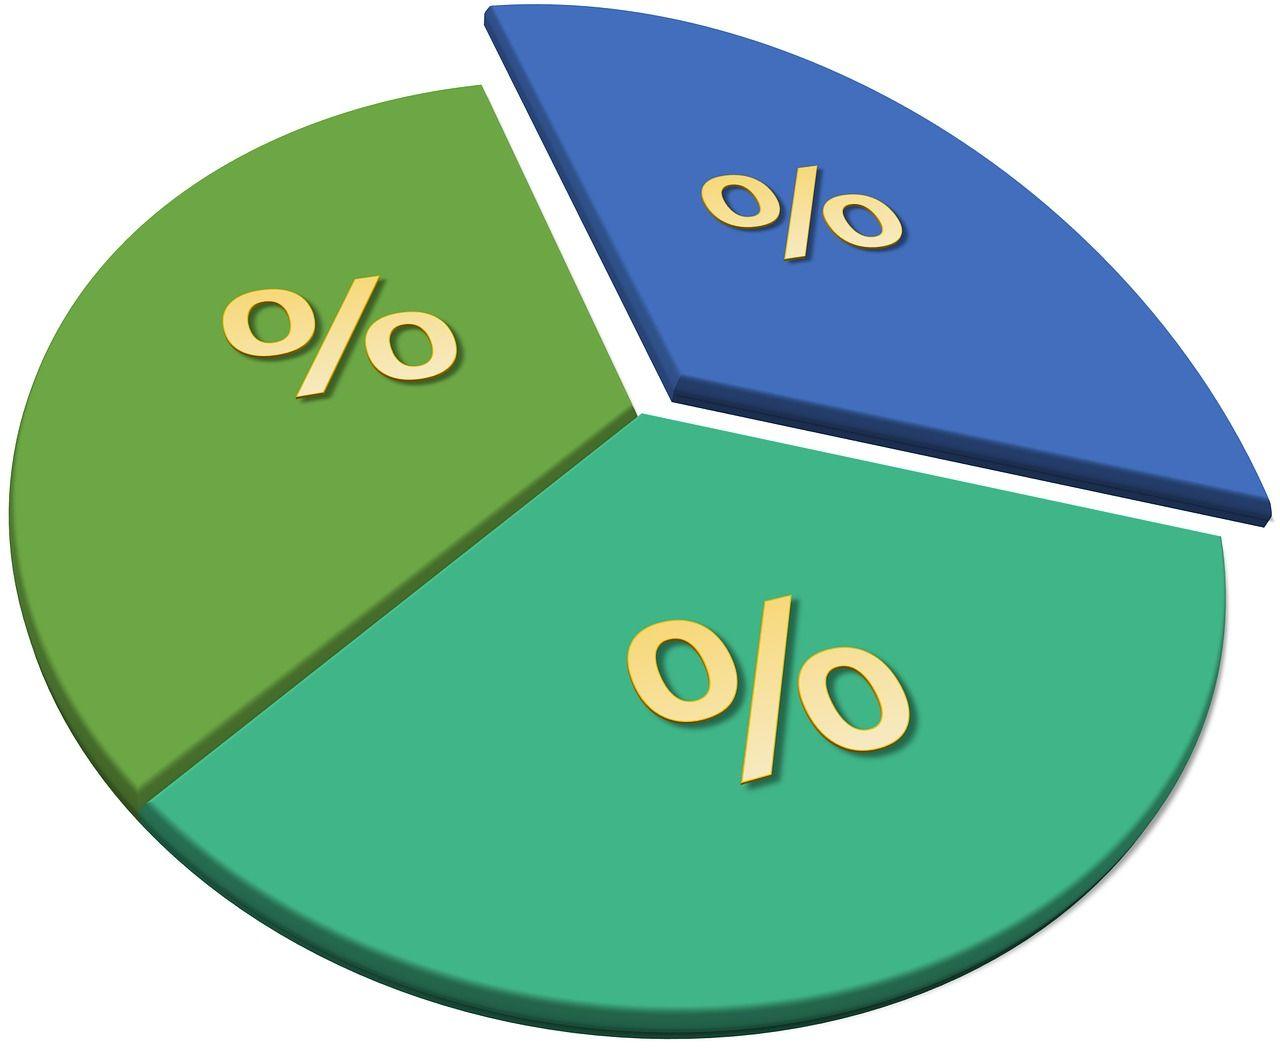 Método De Porcentaje Completado